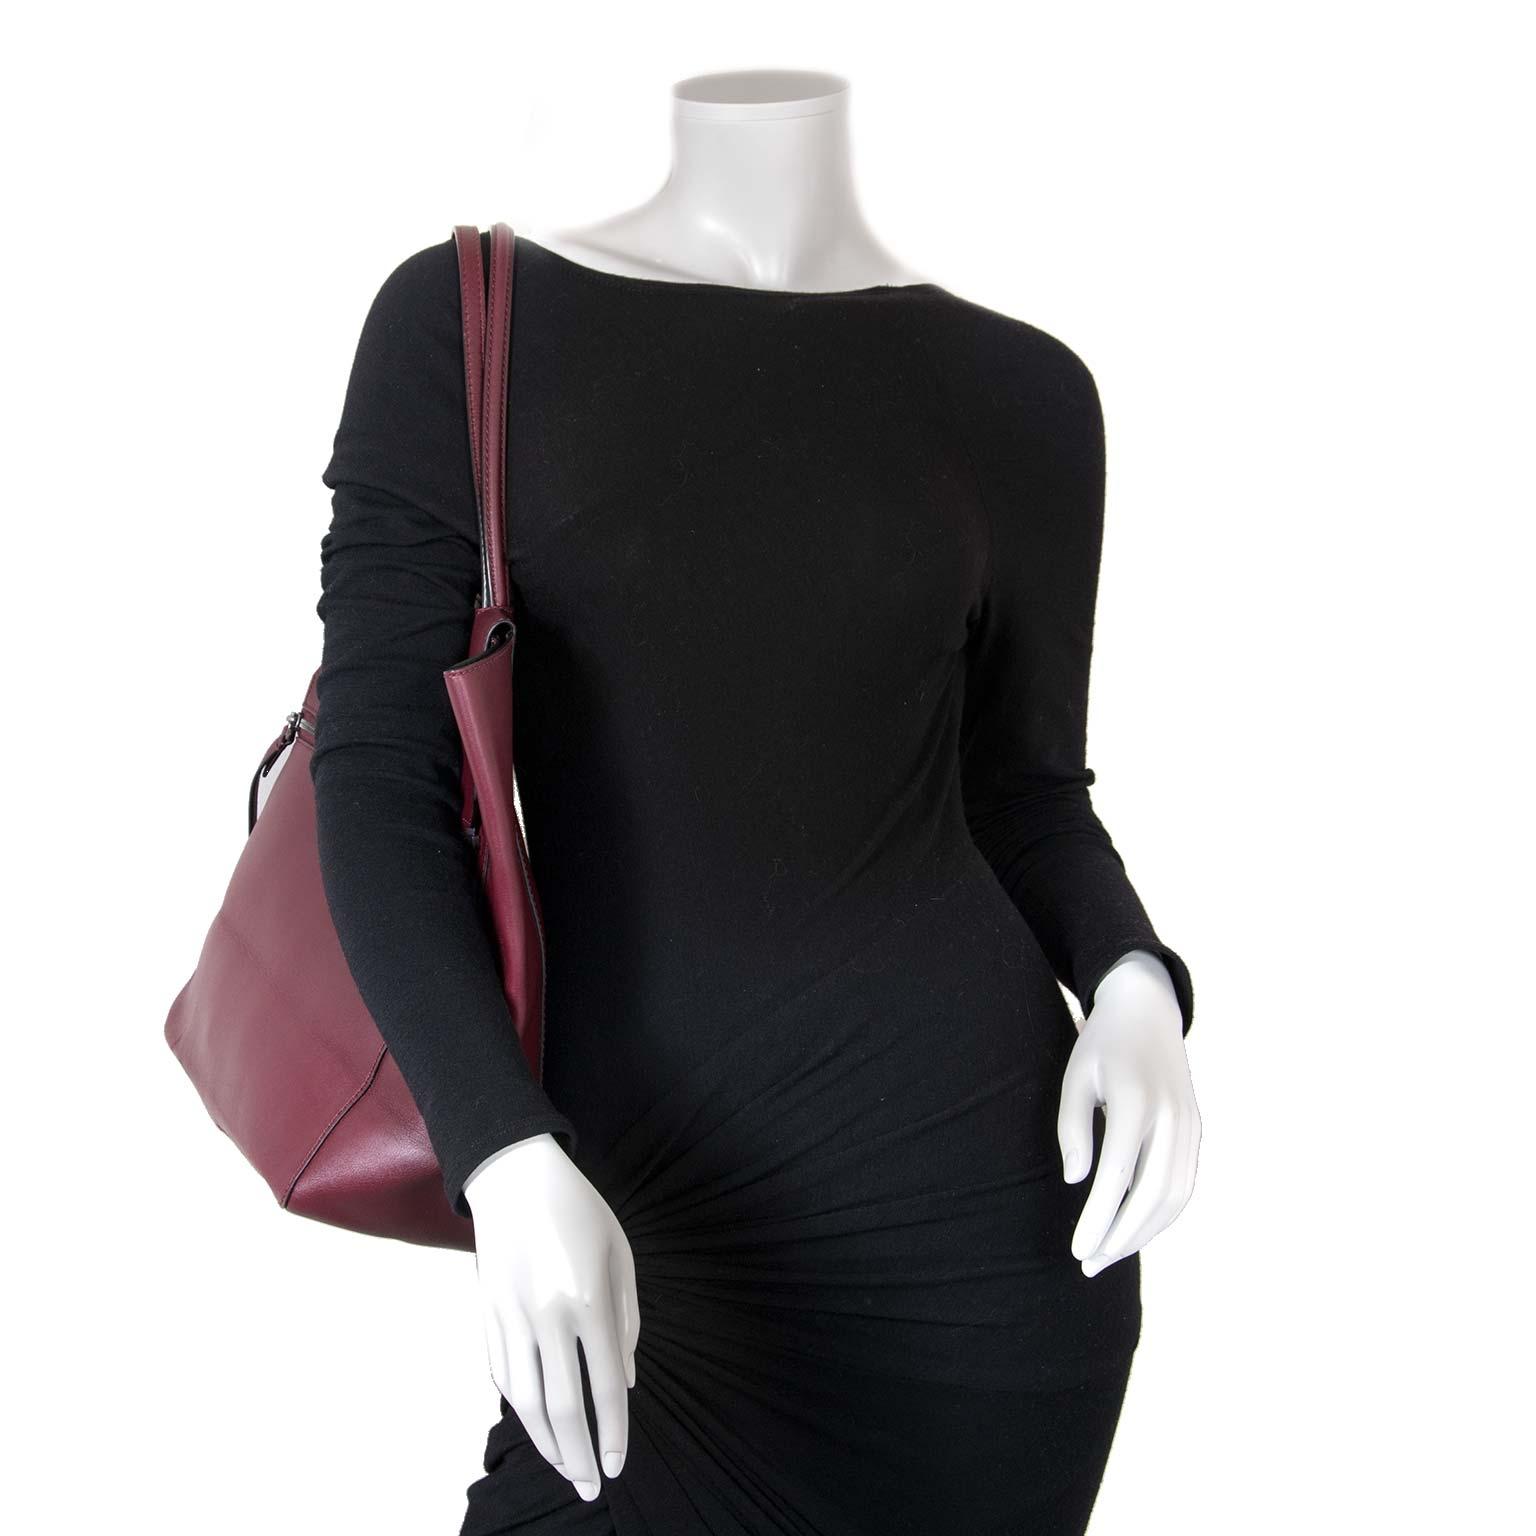 phillip lim bordeaux lederen shopper nu te koop bij labellov vintage mode webshop belgië